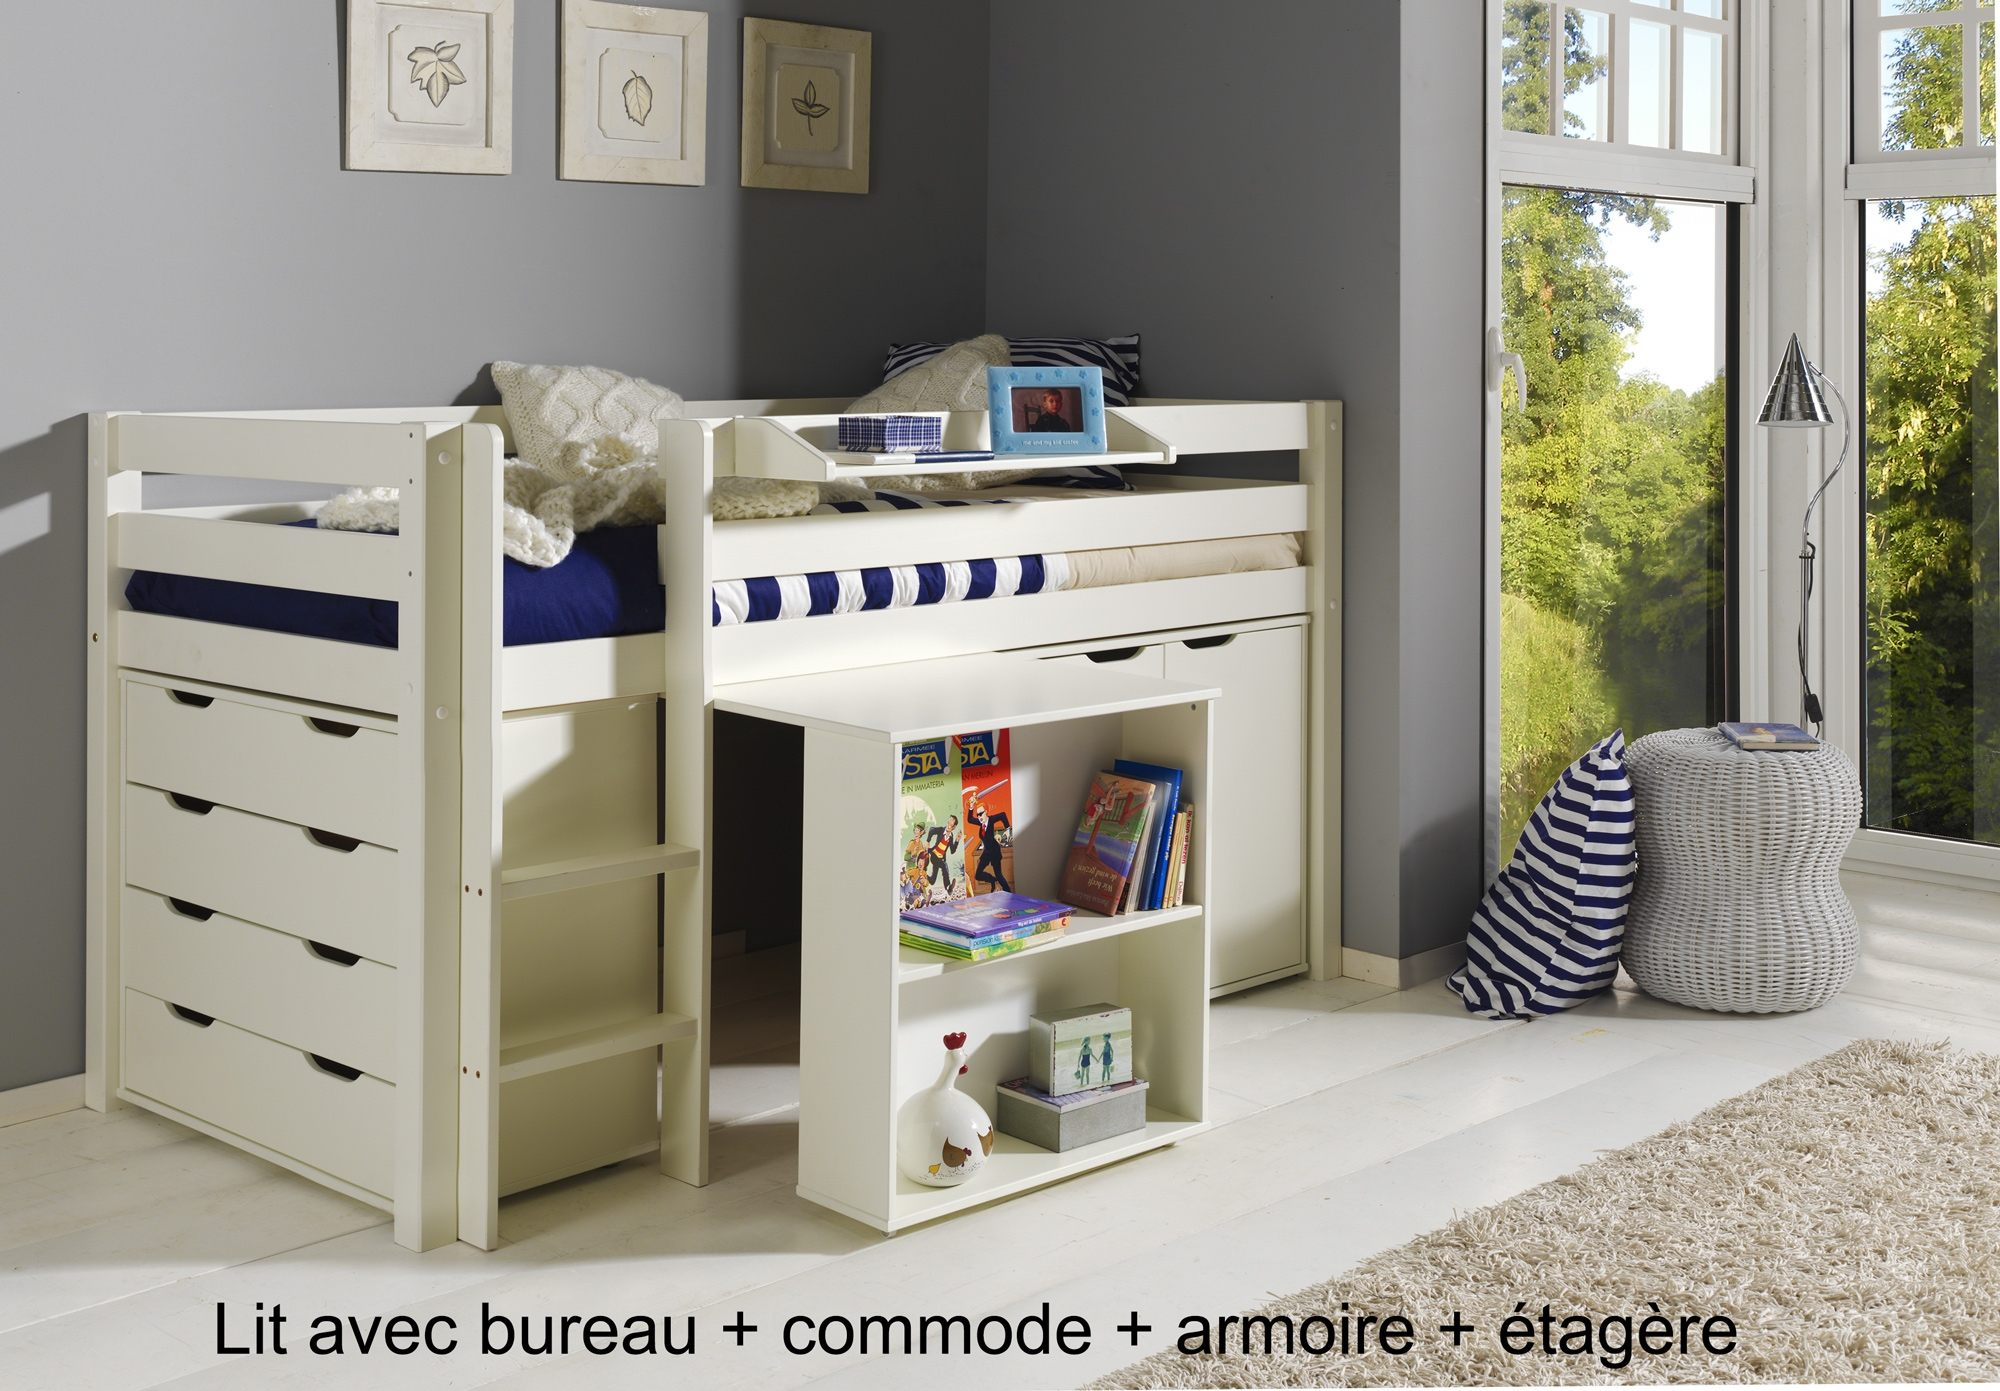 Lit Combiné Bureau Ikea Douce Intéressant Lit Biné Armoire Bureau  Lit Biné Armoire Fresh Lit